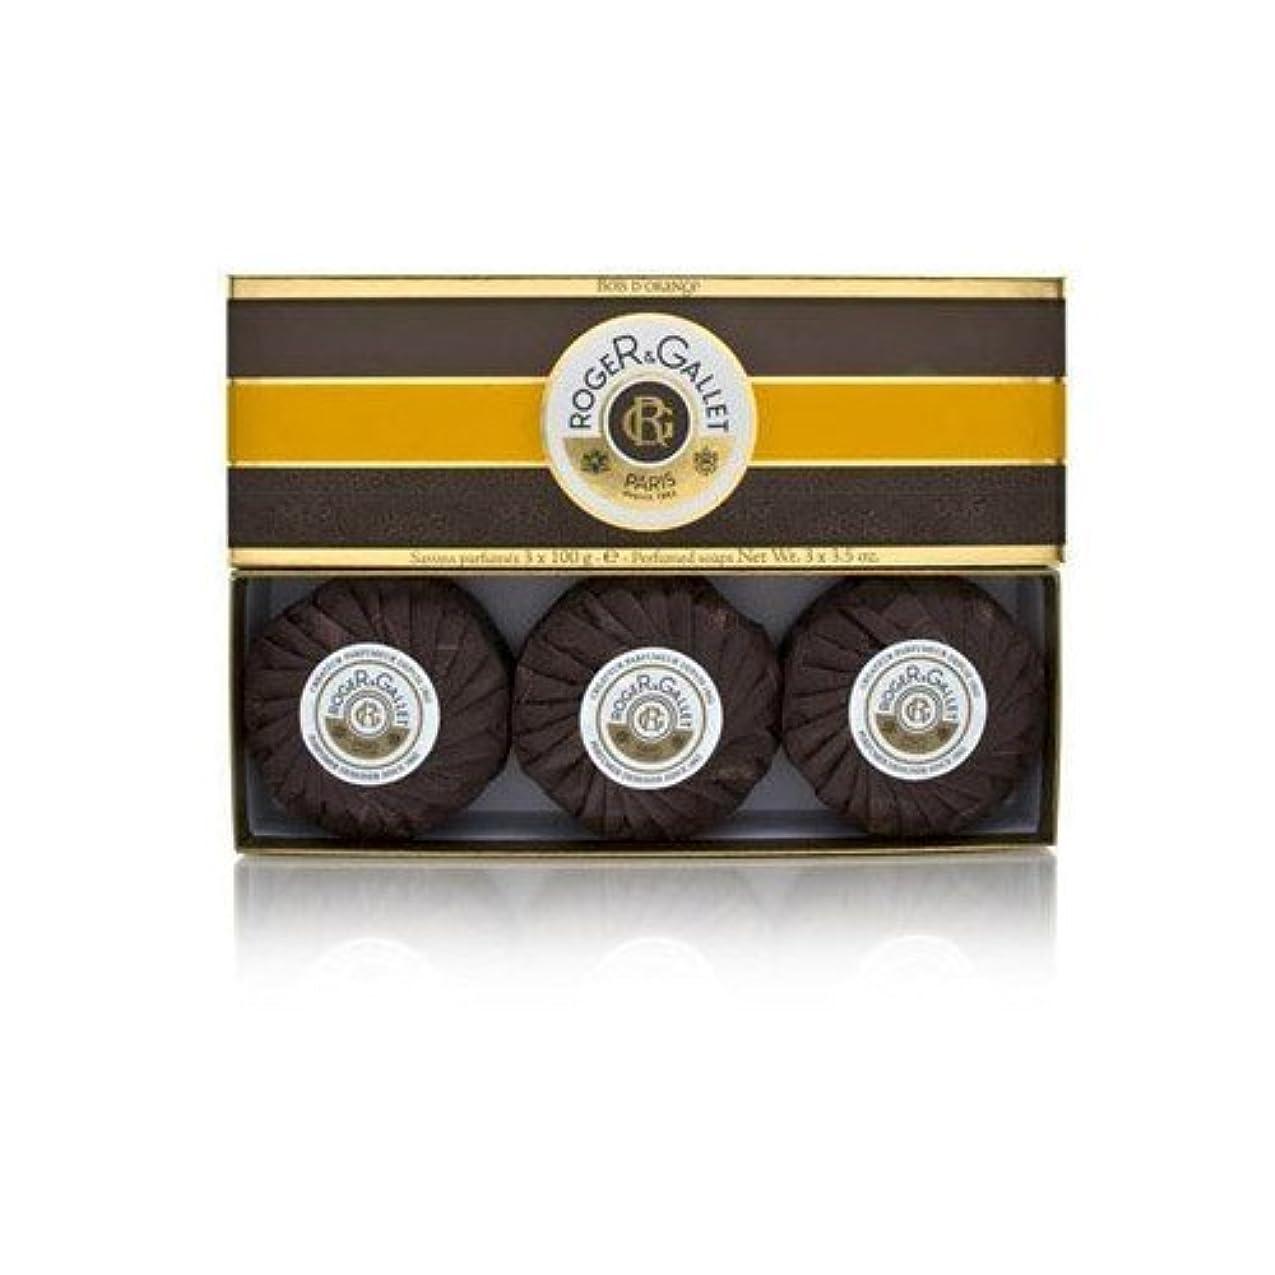 学校教育部分的受け継ぐロジェガレ ボワ ドランジュ (オレンジツリー) 香水石鹸3個セット ROGER&GALLET BOIS D'ORANGE PERFUMED SOAP [0161]